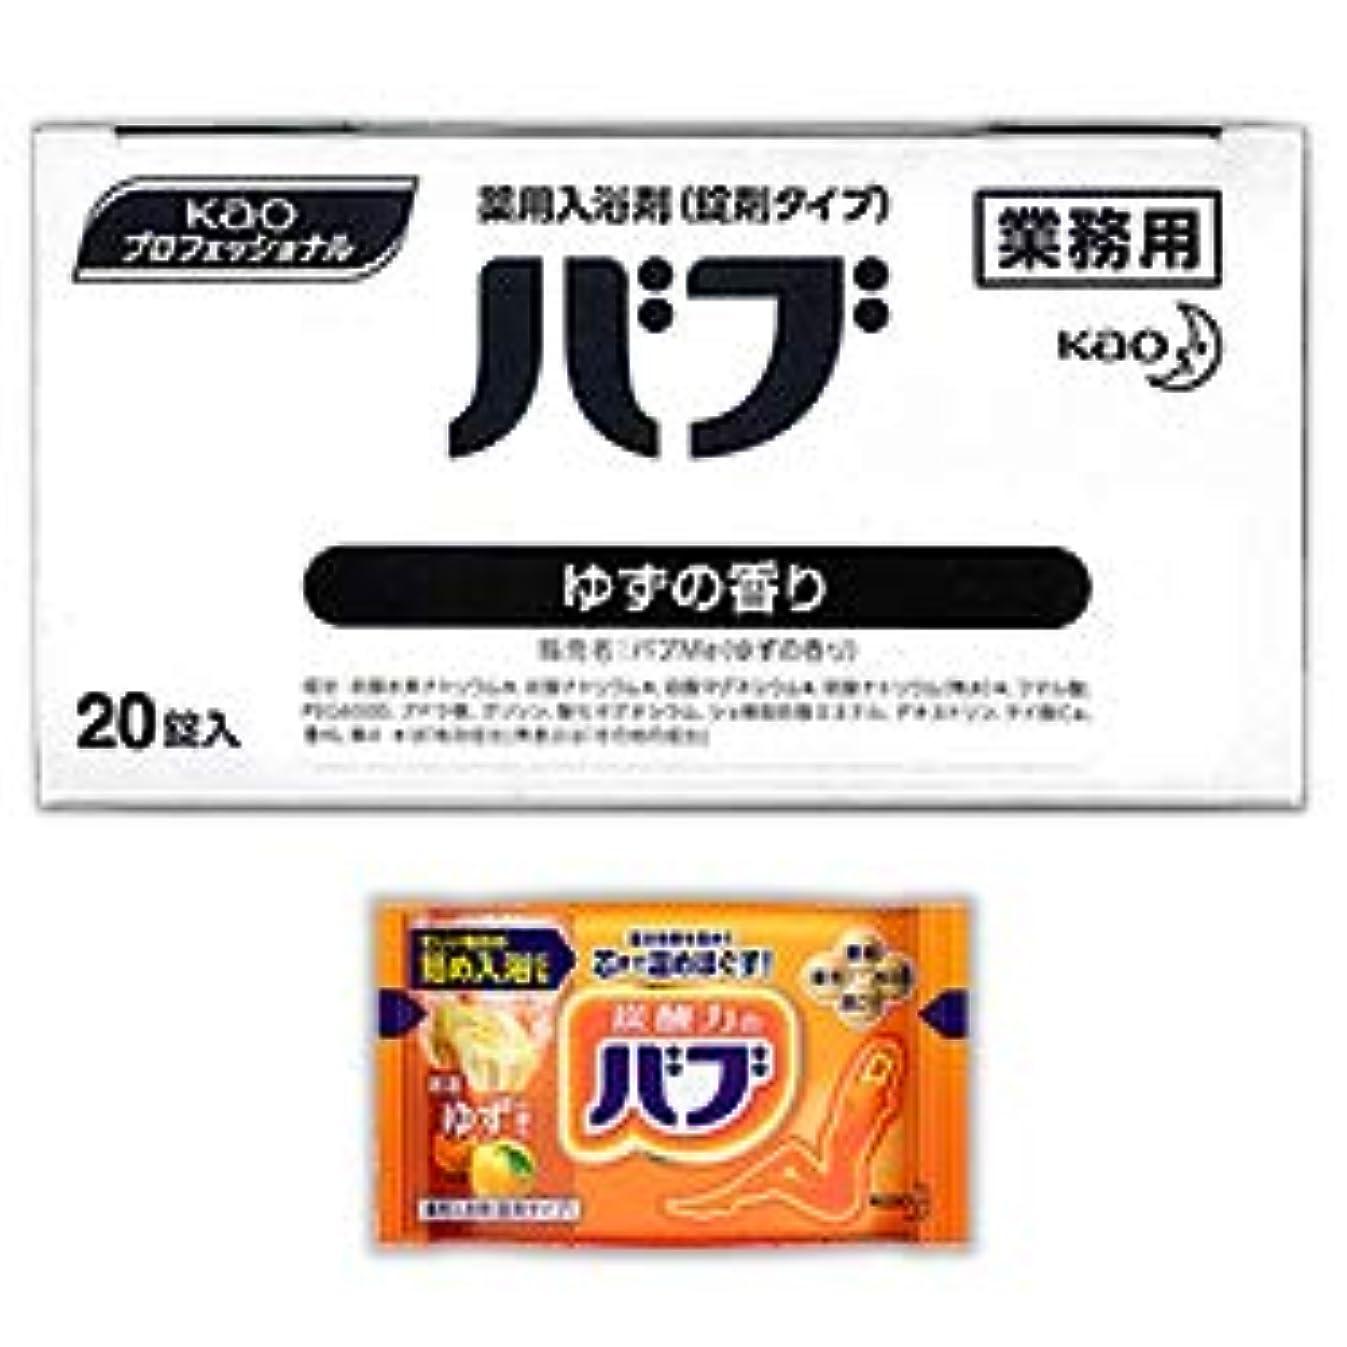 洗う詐欺限り【花王】Kaoプロフェッショナル バブ ゆずの香り(業務用) 40g×20錠入 ×5個セット